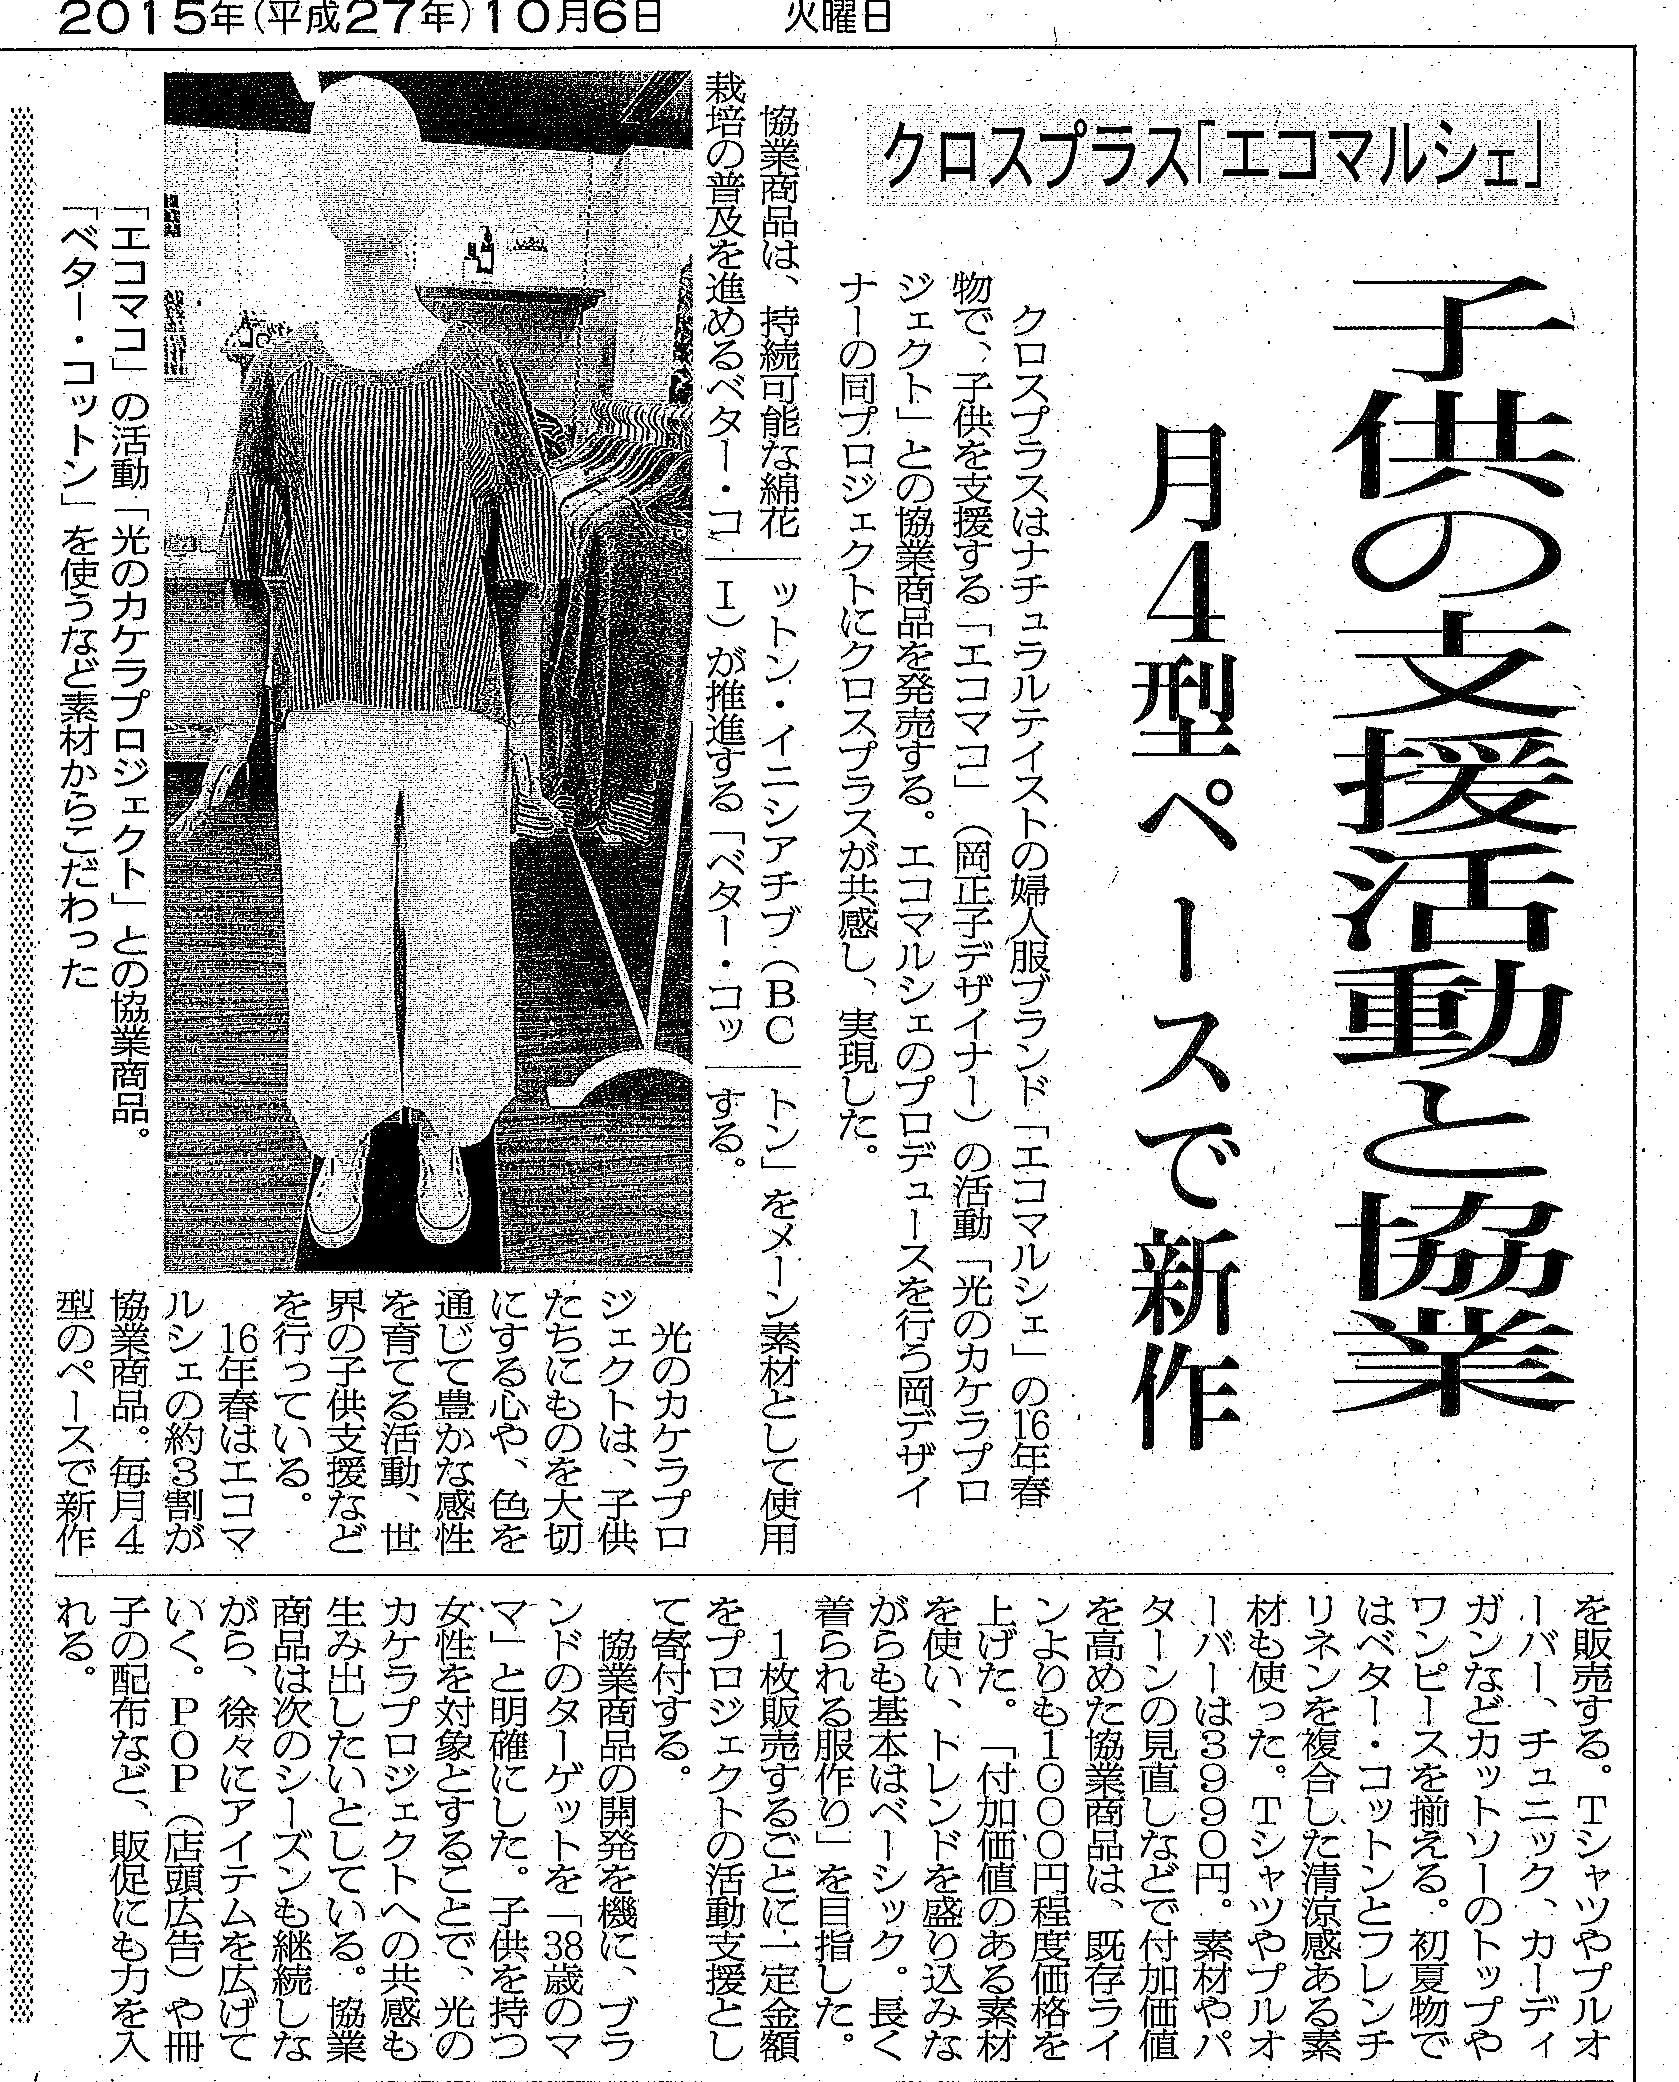 クロスプラスのブランド「エコマルシェ」と 「エコマコ」と協業商品を発売! の記事を繊研新聞に掲載していただきました!